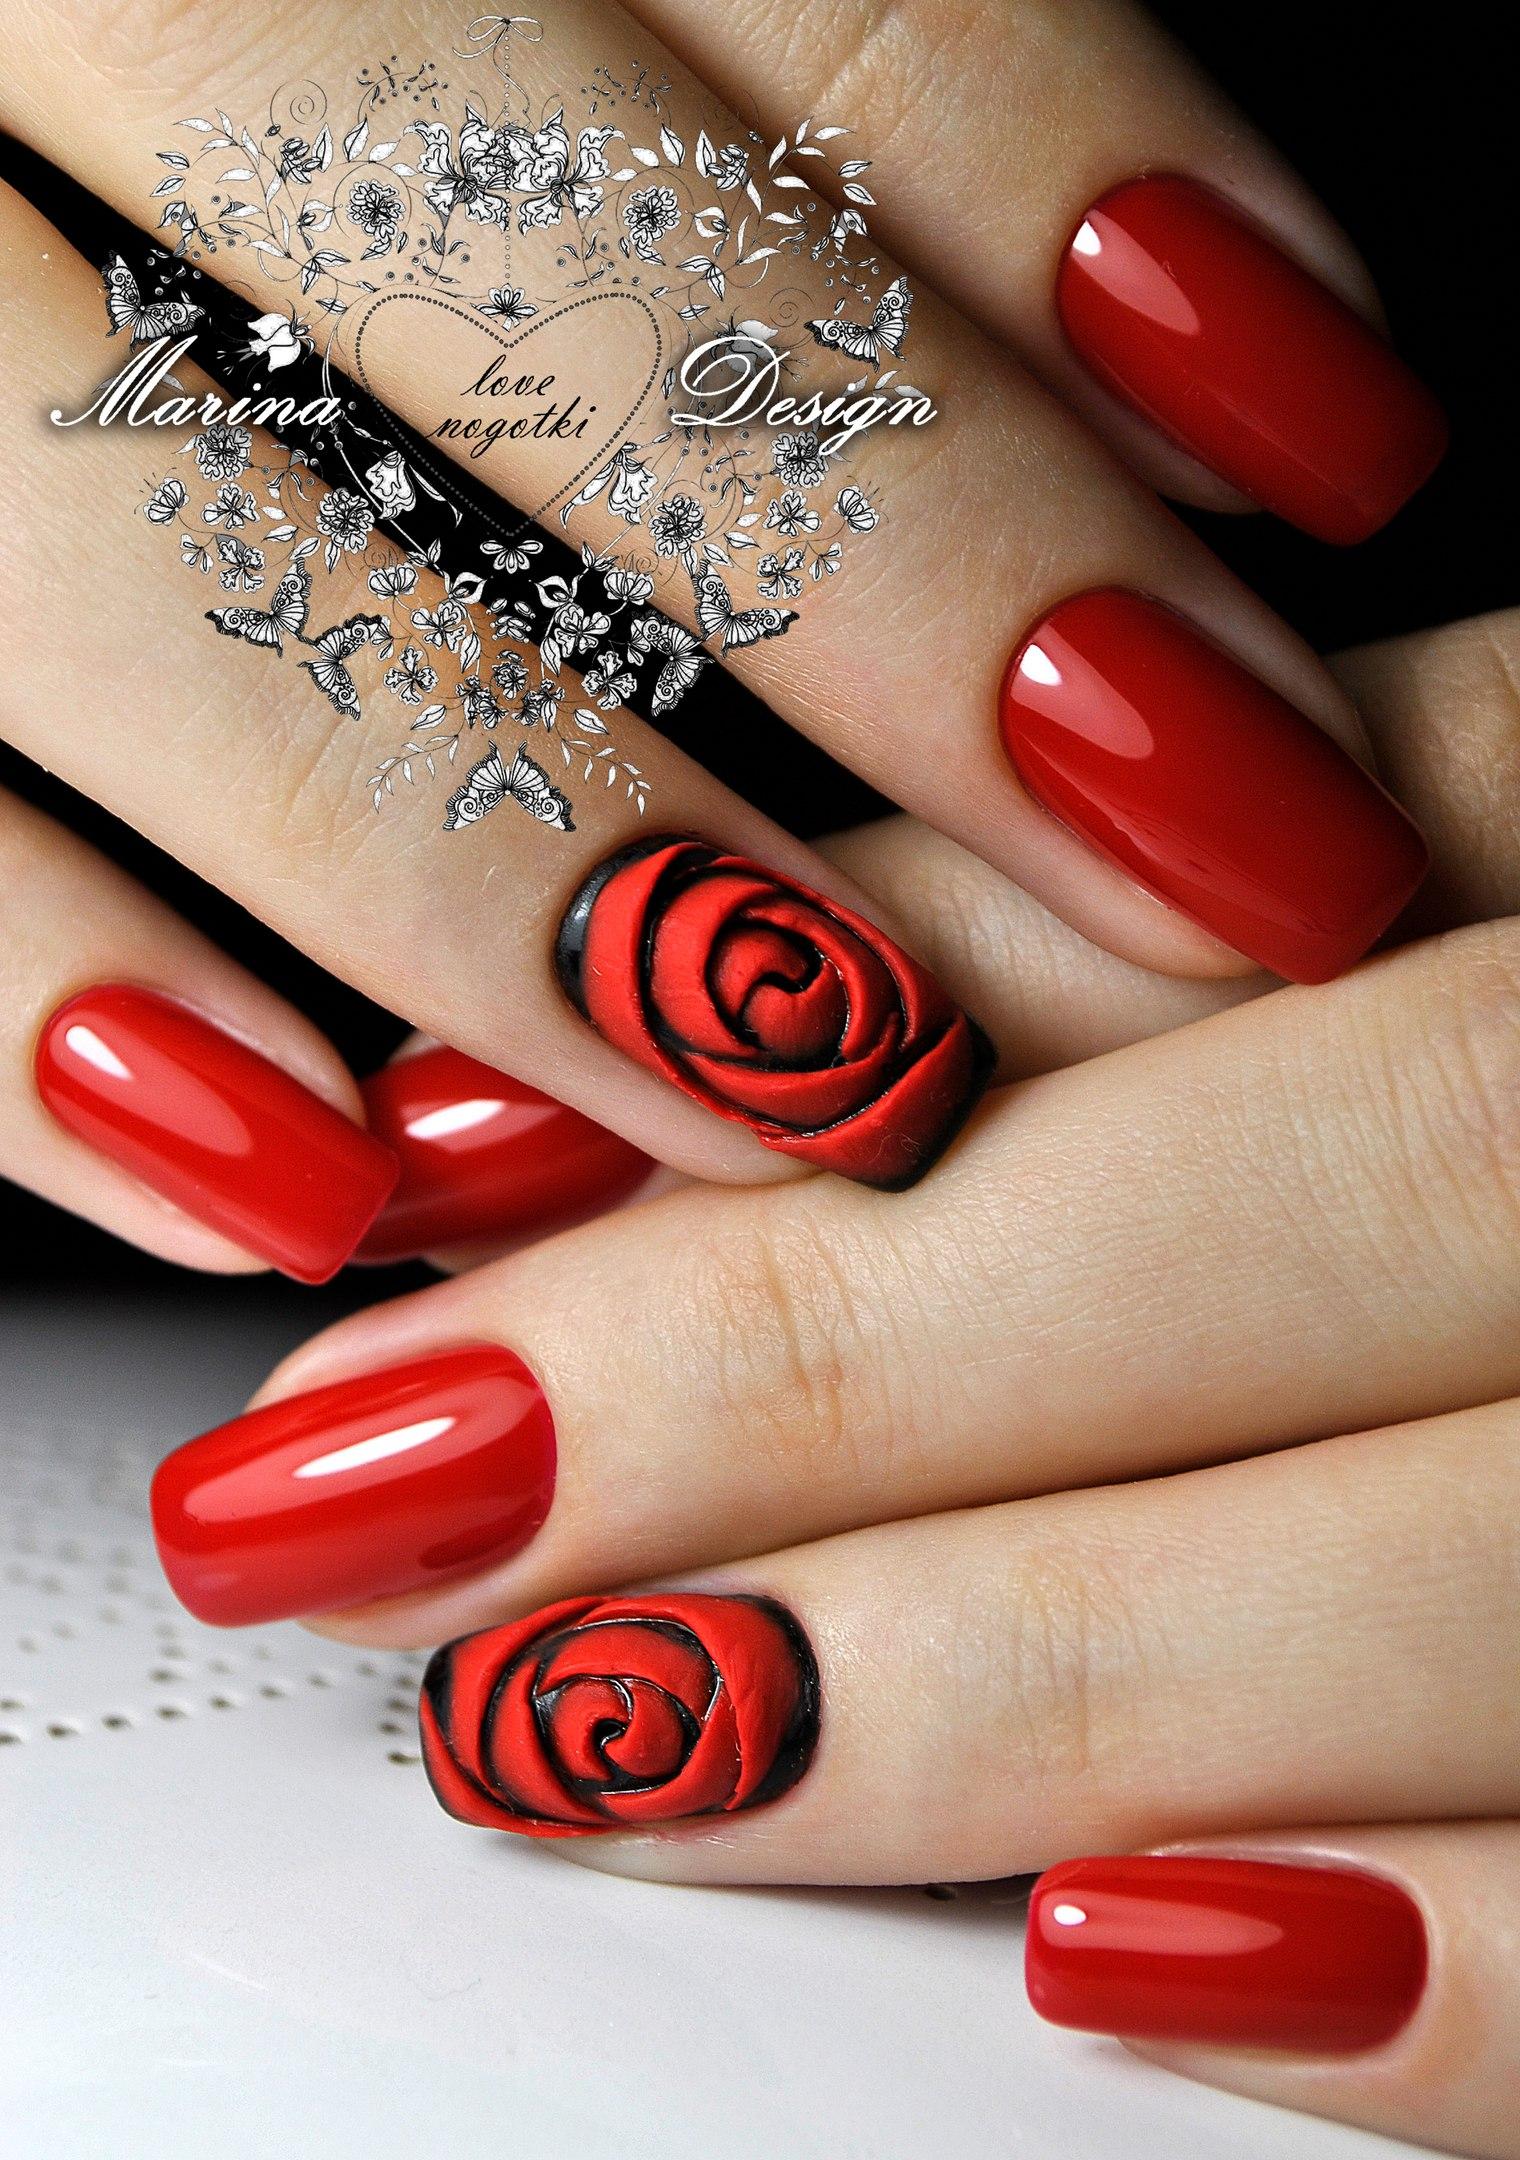 Маникюр на длинные ногти красный